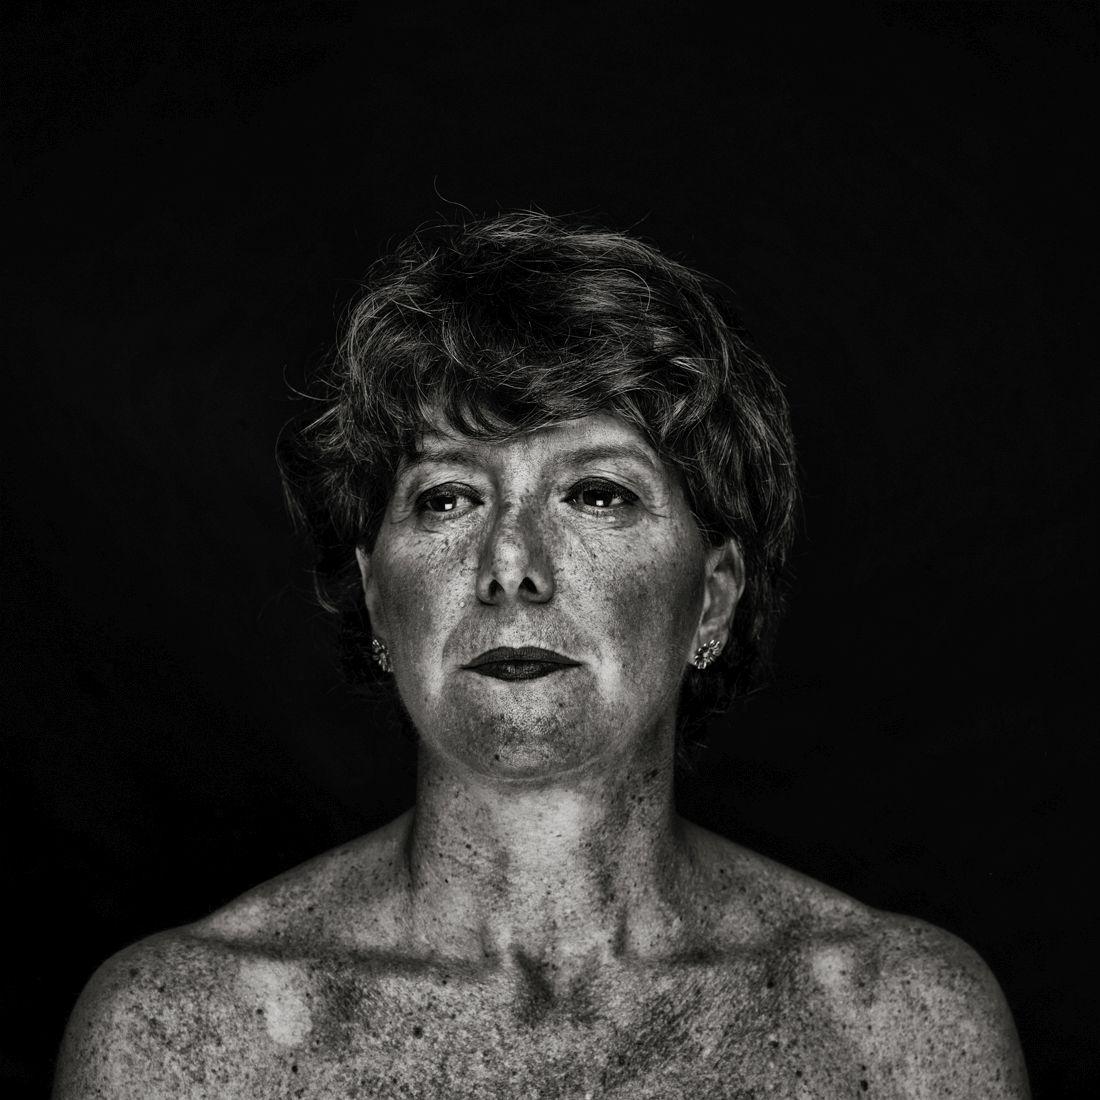 © Pietro Baroni: J'ai plus de souvenirs que si j'avais mille ans / MonoVisions Awards 2017 winner